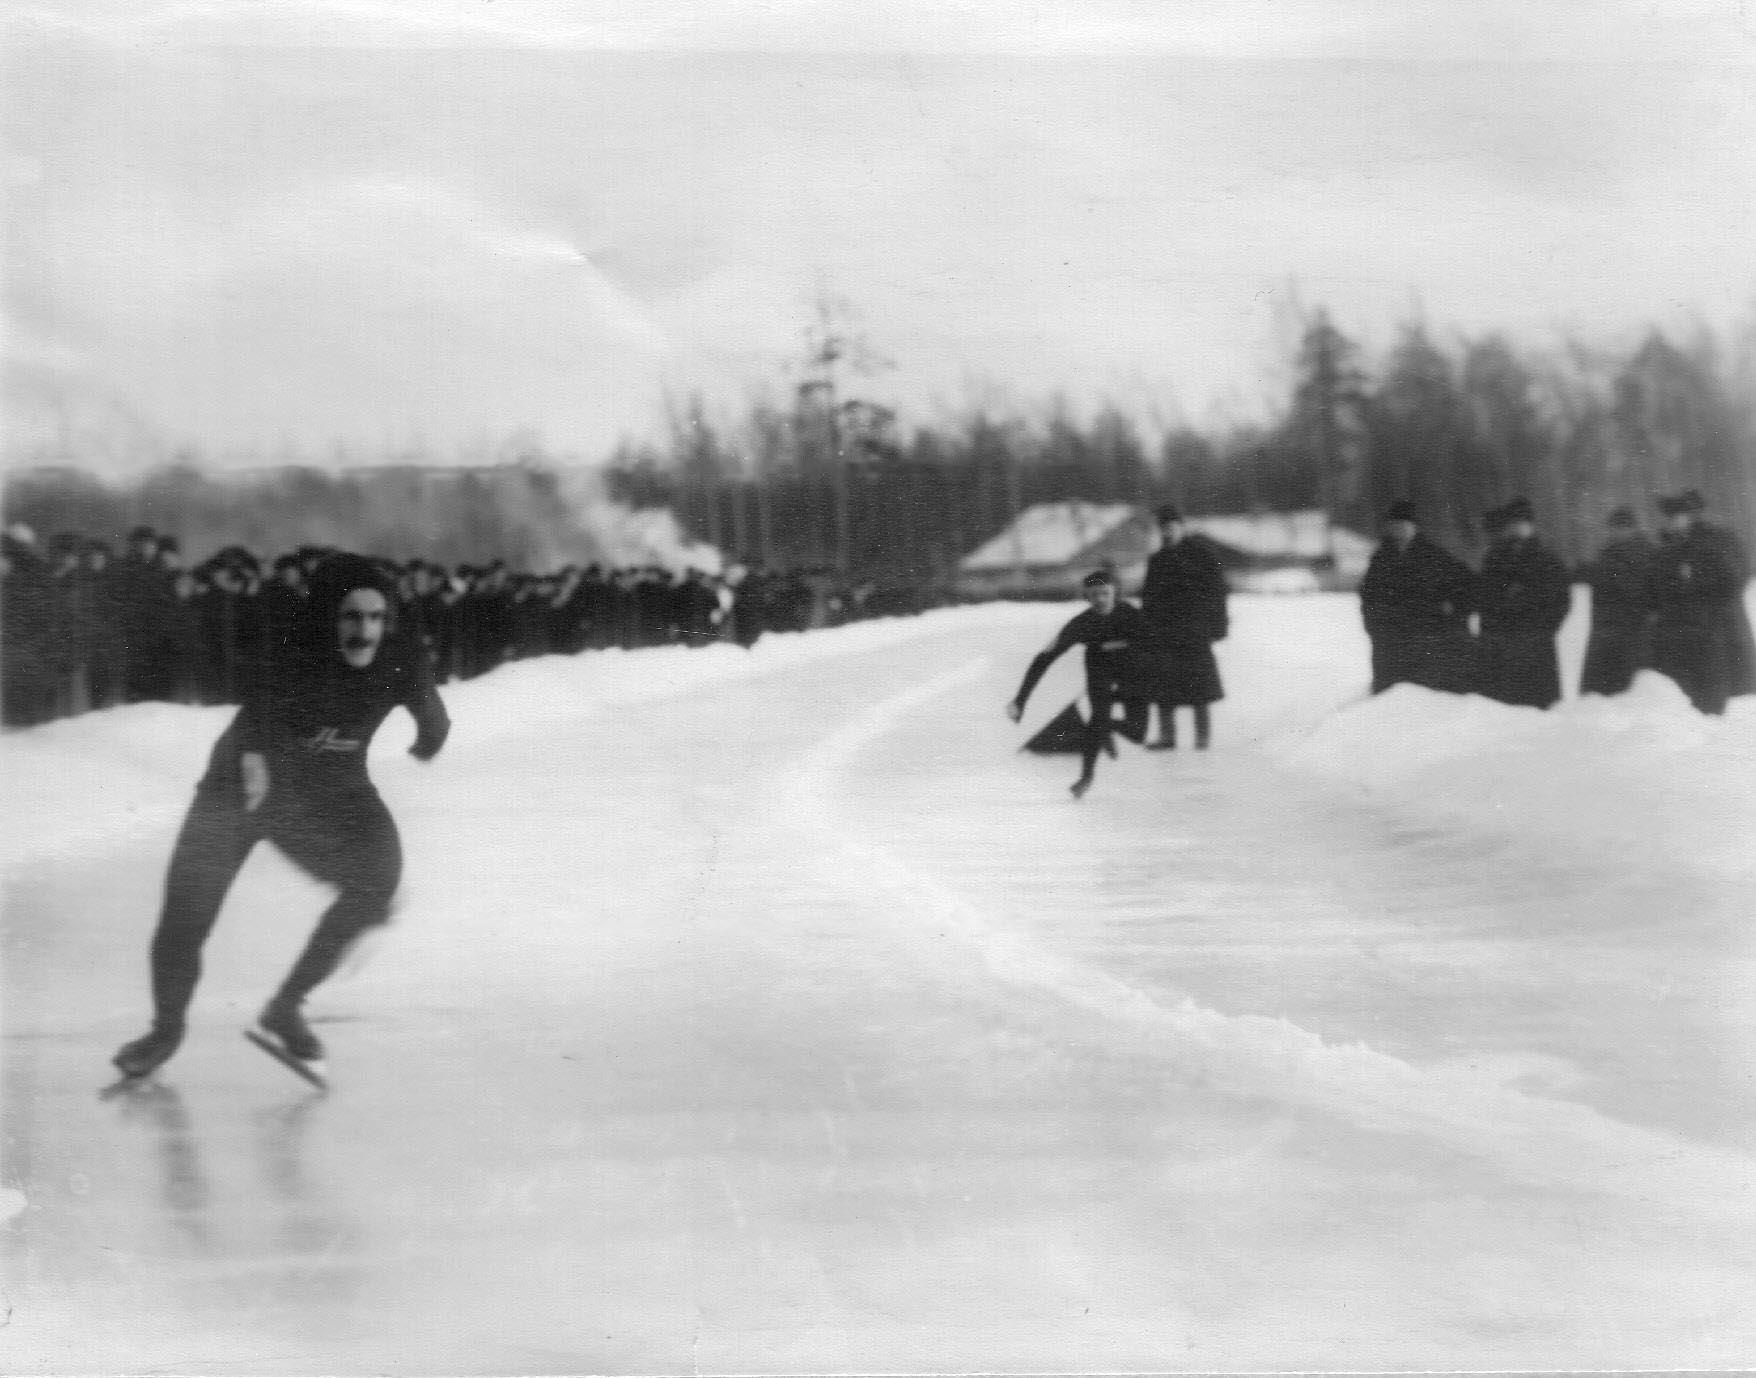 Конькобежцы на дистанции на соревнованиях на Крестовском острове. 11 февраля 1913